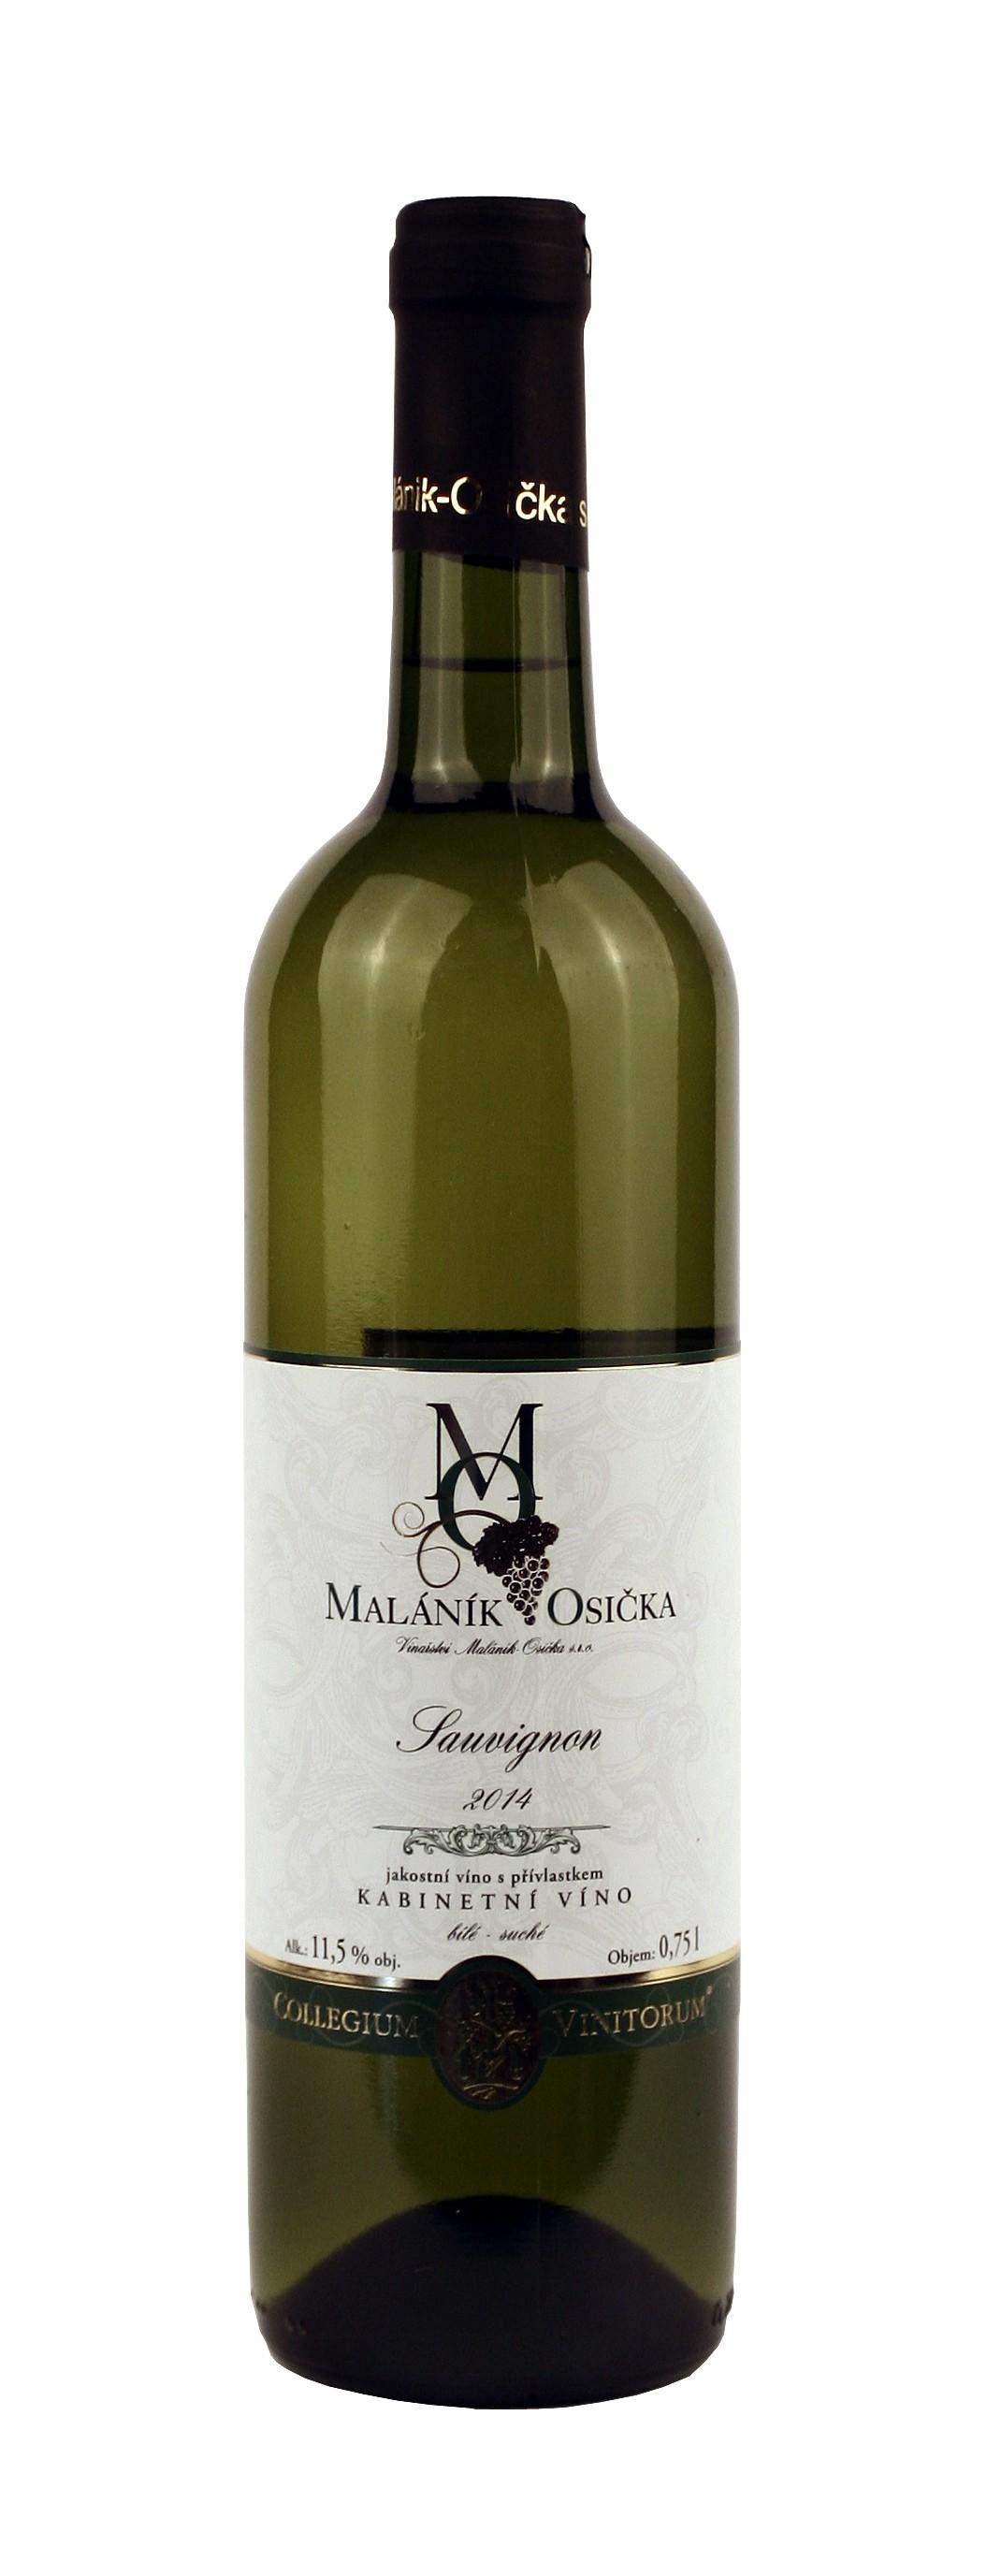 produkt_Sauvignon 2014 Kabinetní víno